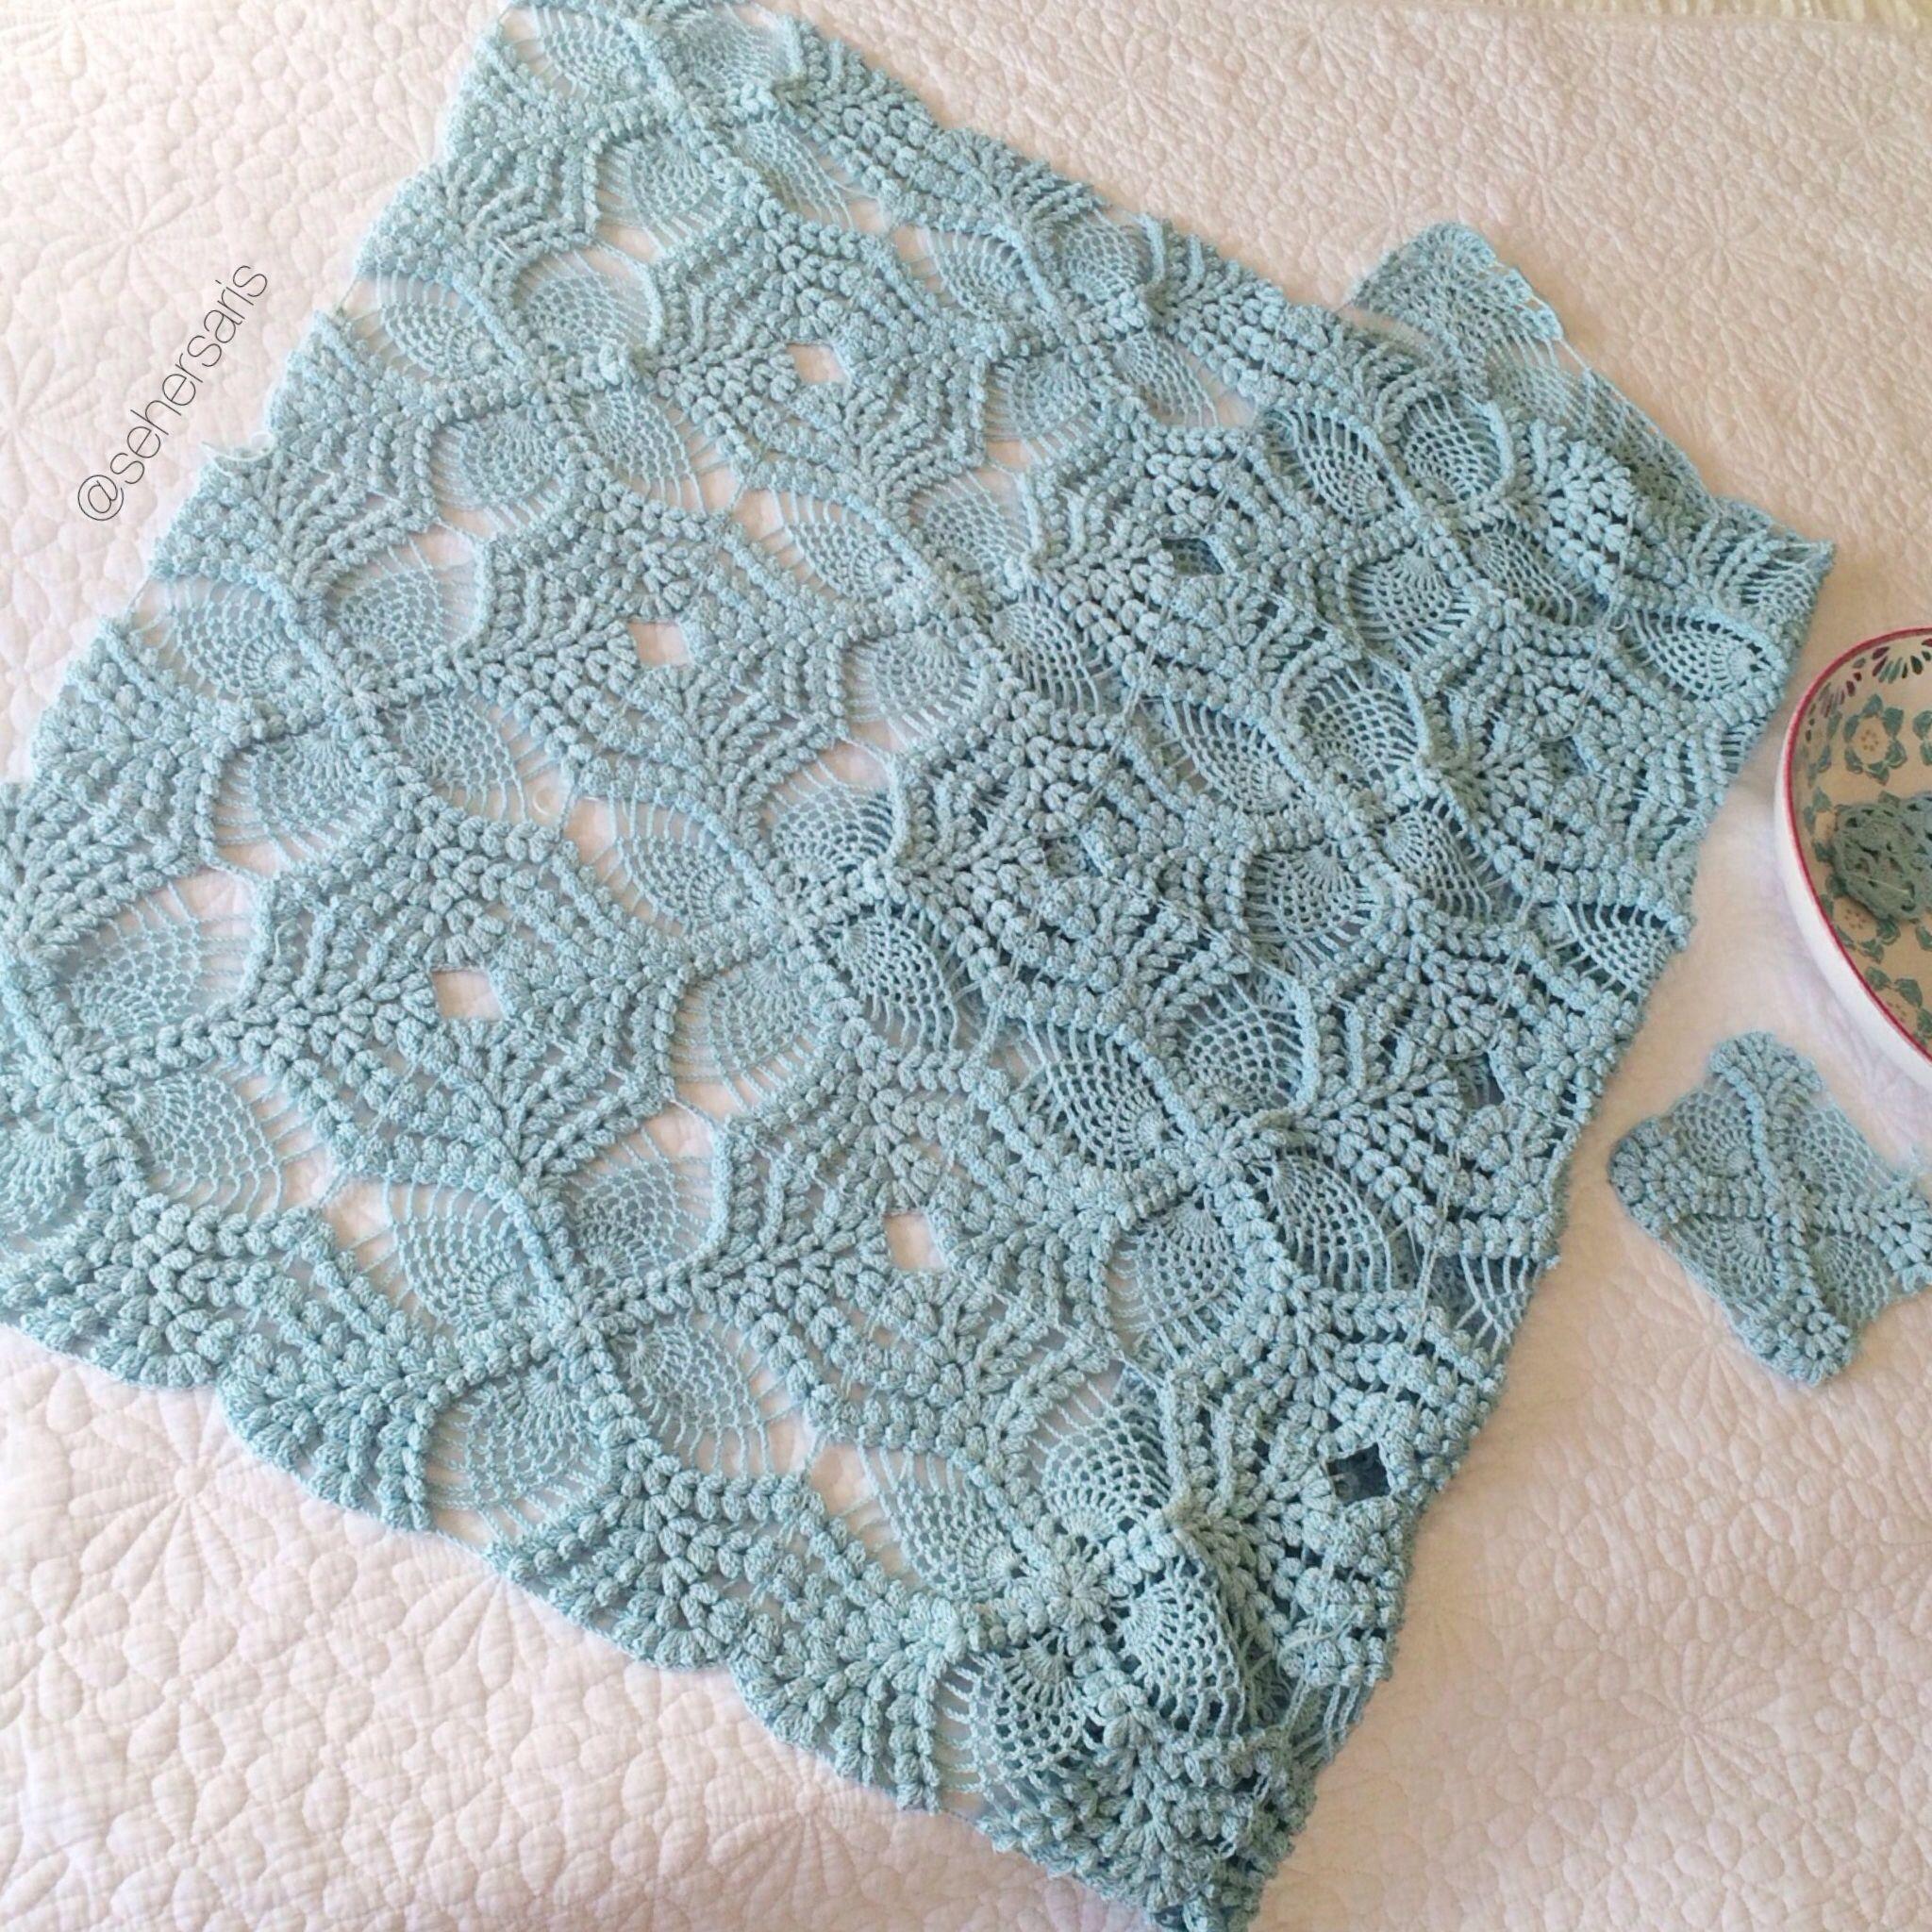 Crochet Blanket Pattern Http Podkinstumblrcom Post 134295932686 Chevron Diagram Mantas Pinterest